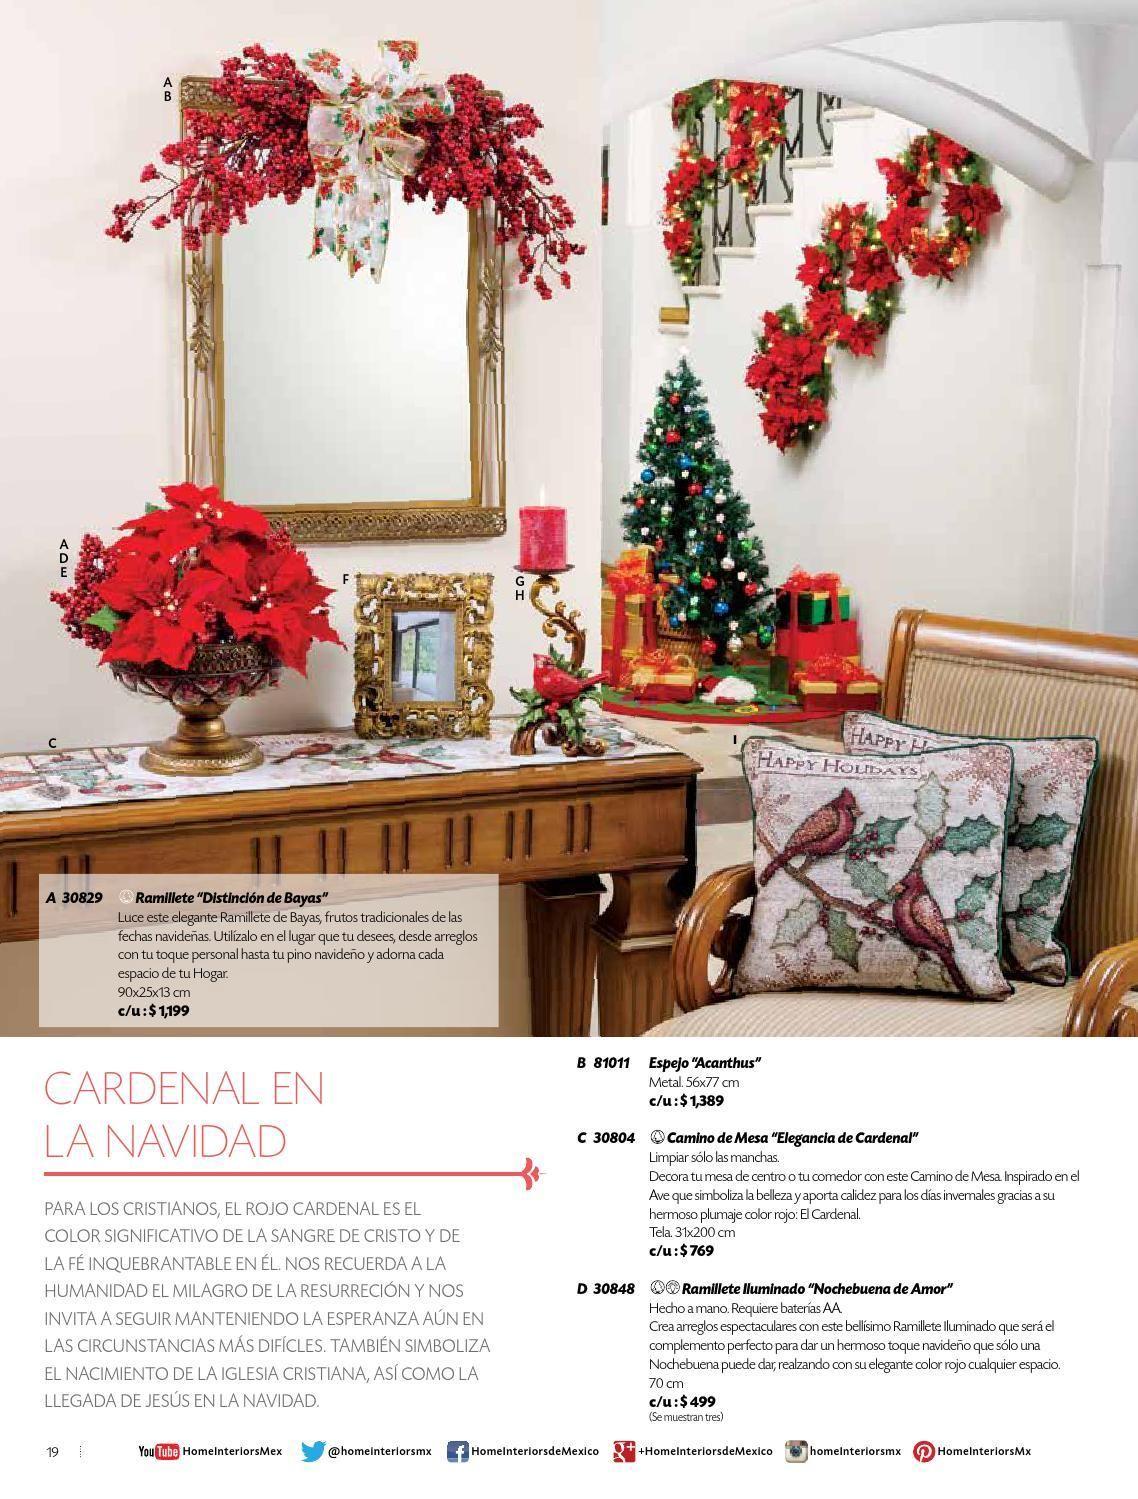 home interiors de mexico navidad 2015 navidad and interiors clippedonissuu from home interiors de mexico navidad 2015